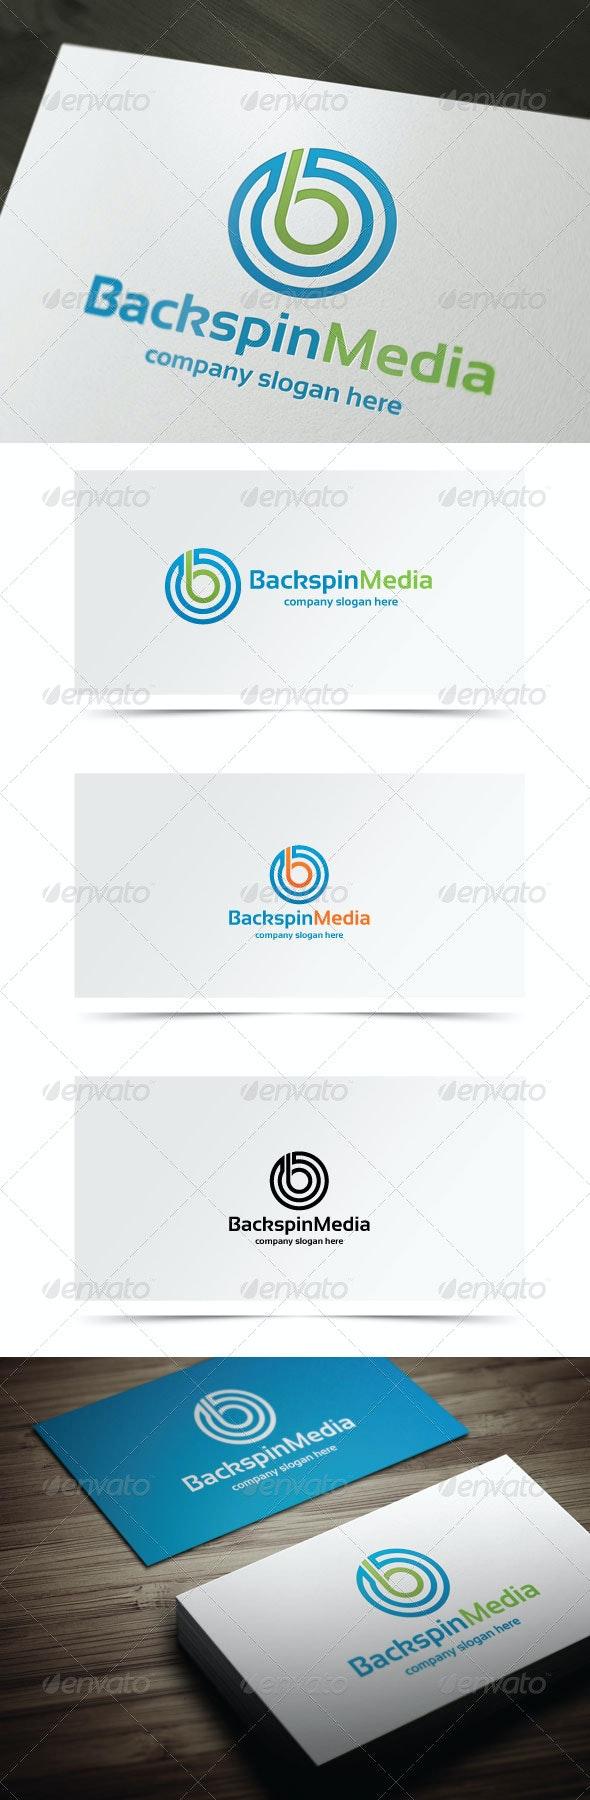 Backspin Media